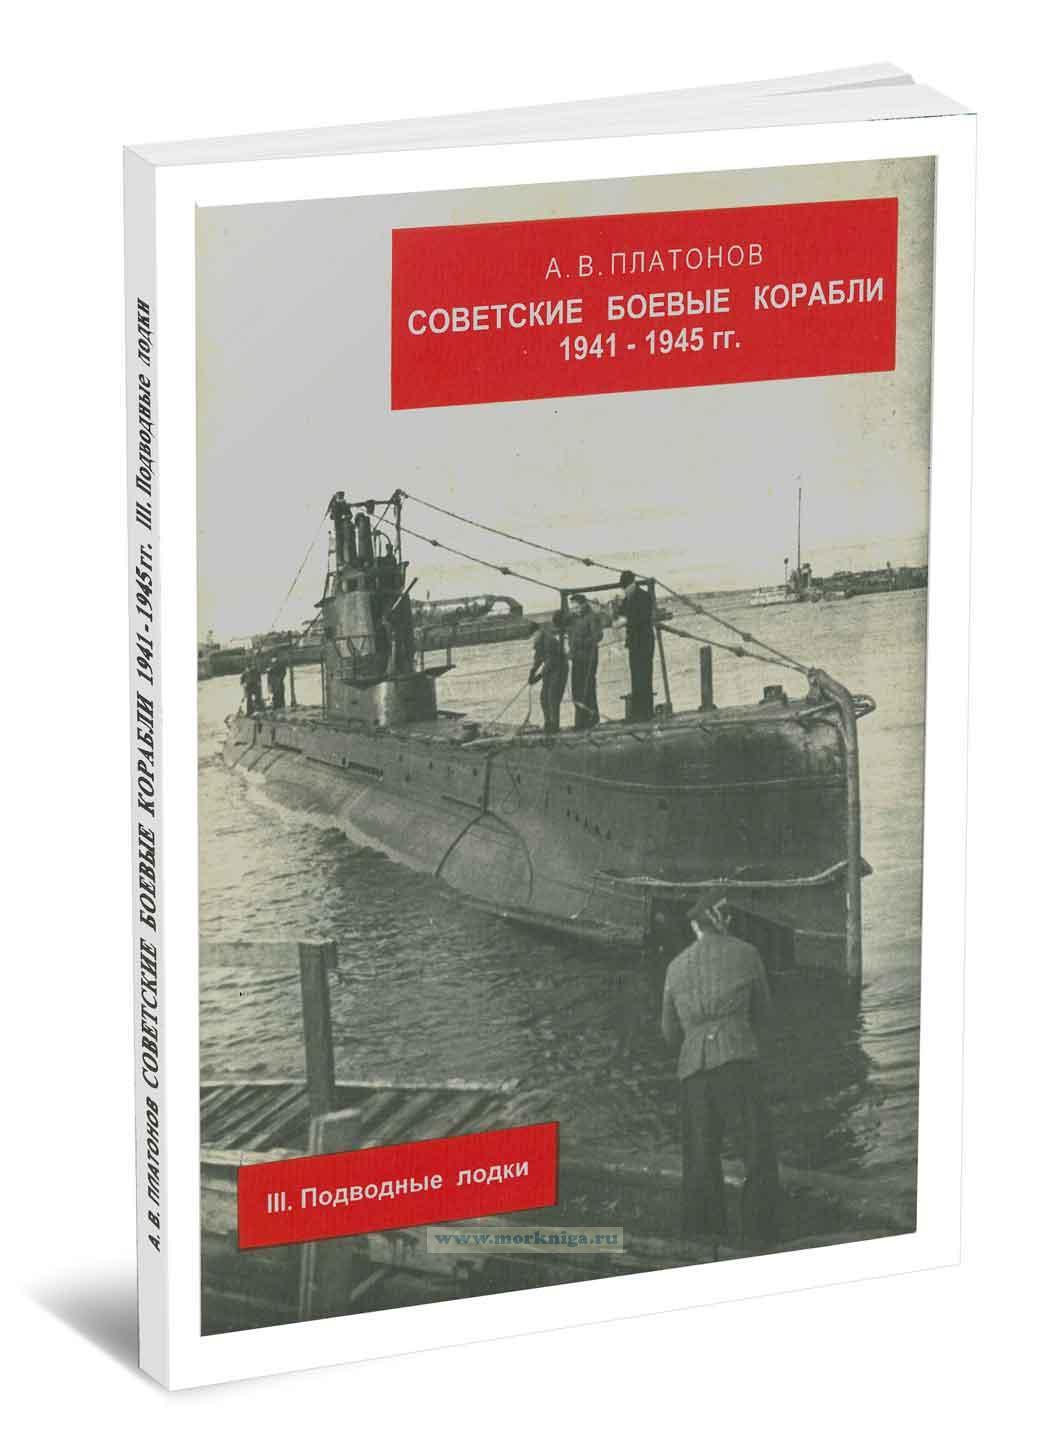 Советские боевые корабли 1941-1945 гг. III. Подводные лодки